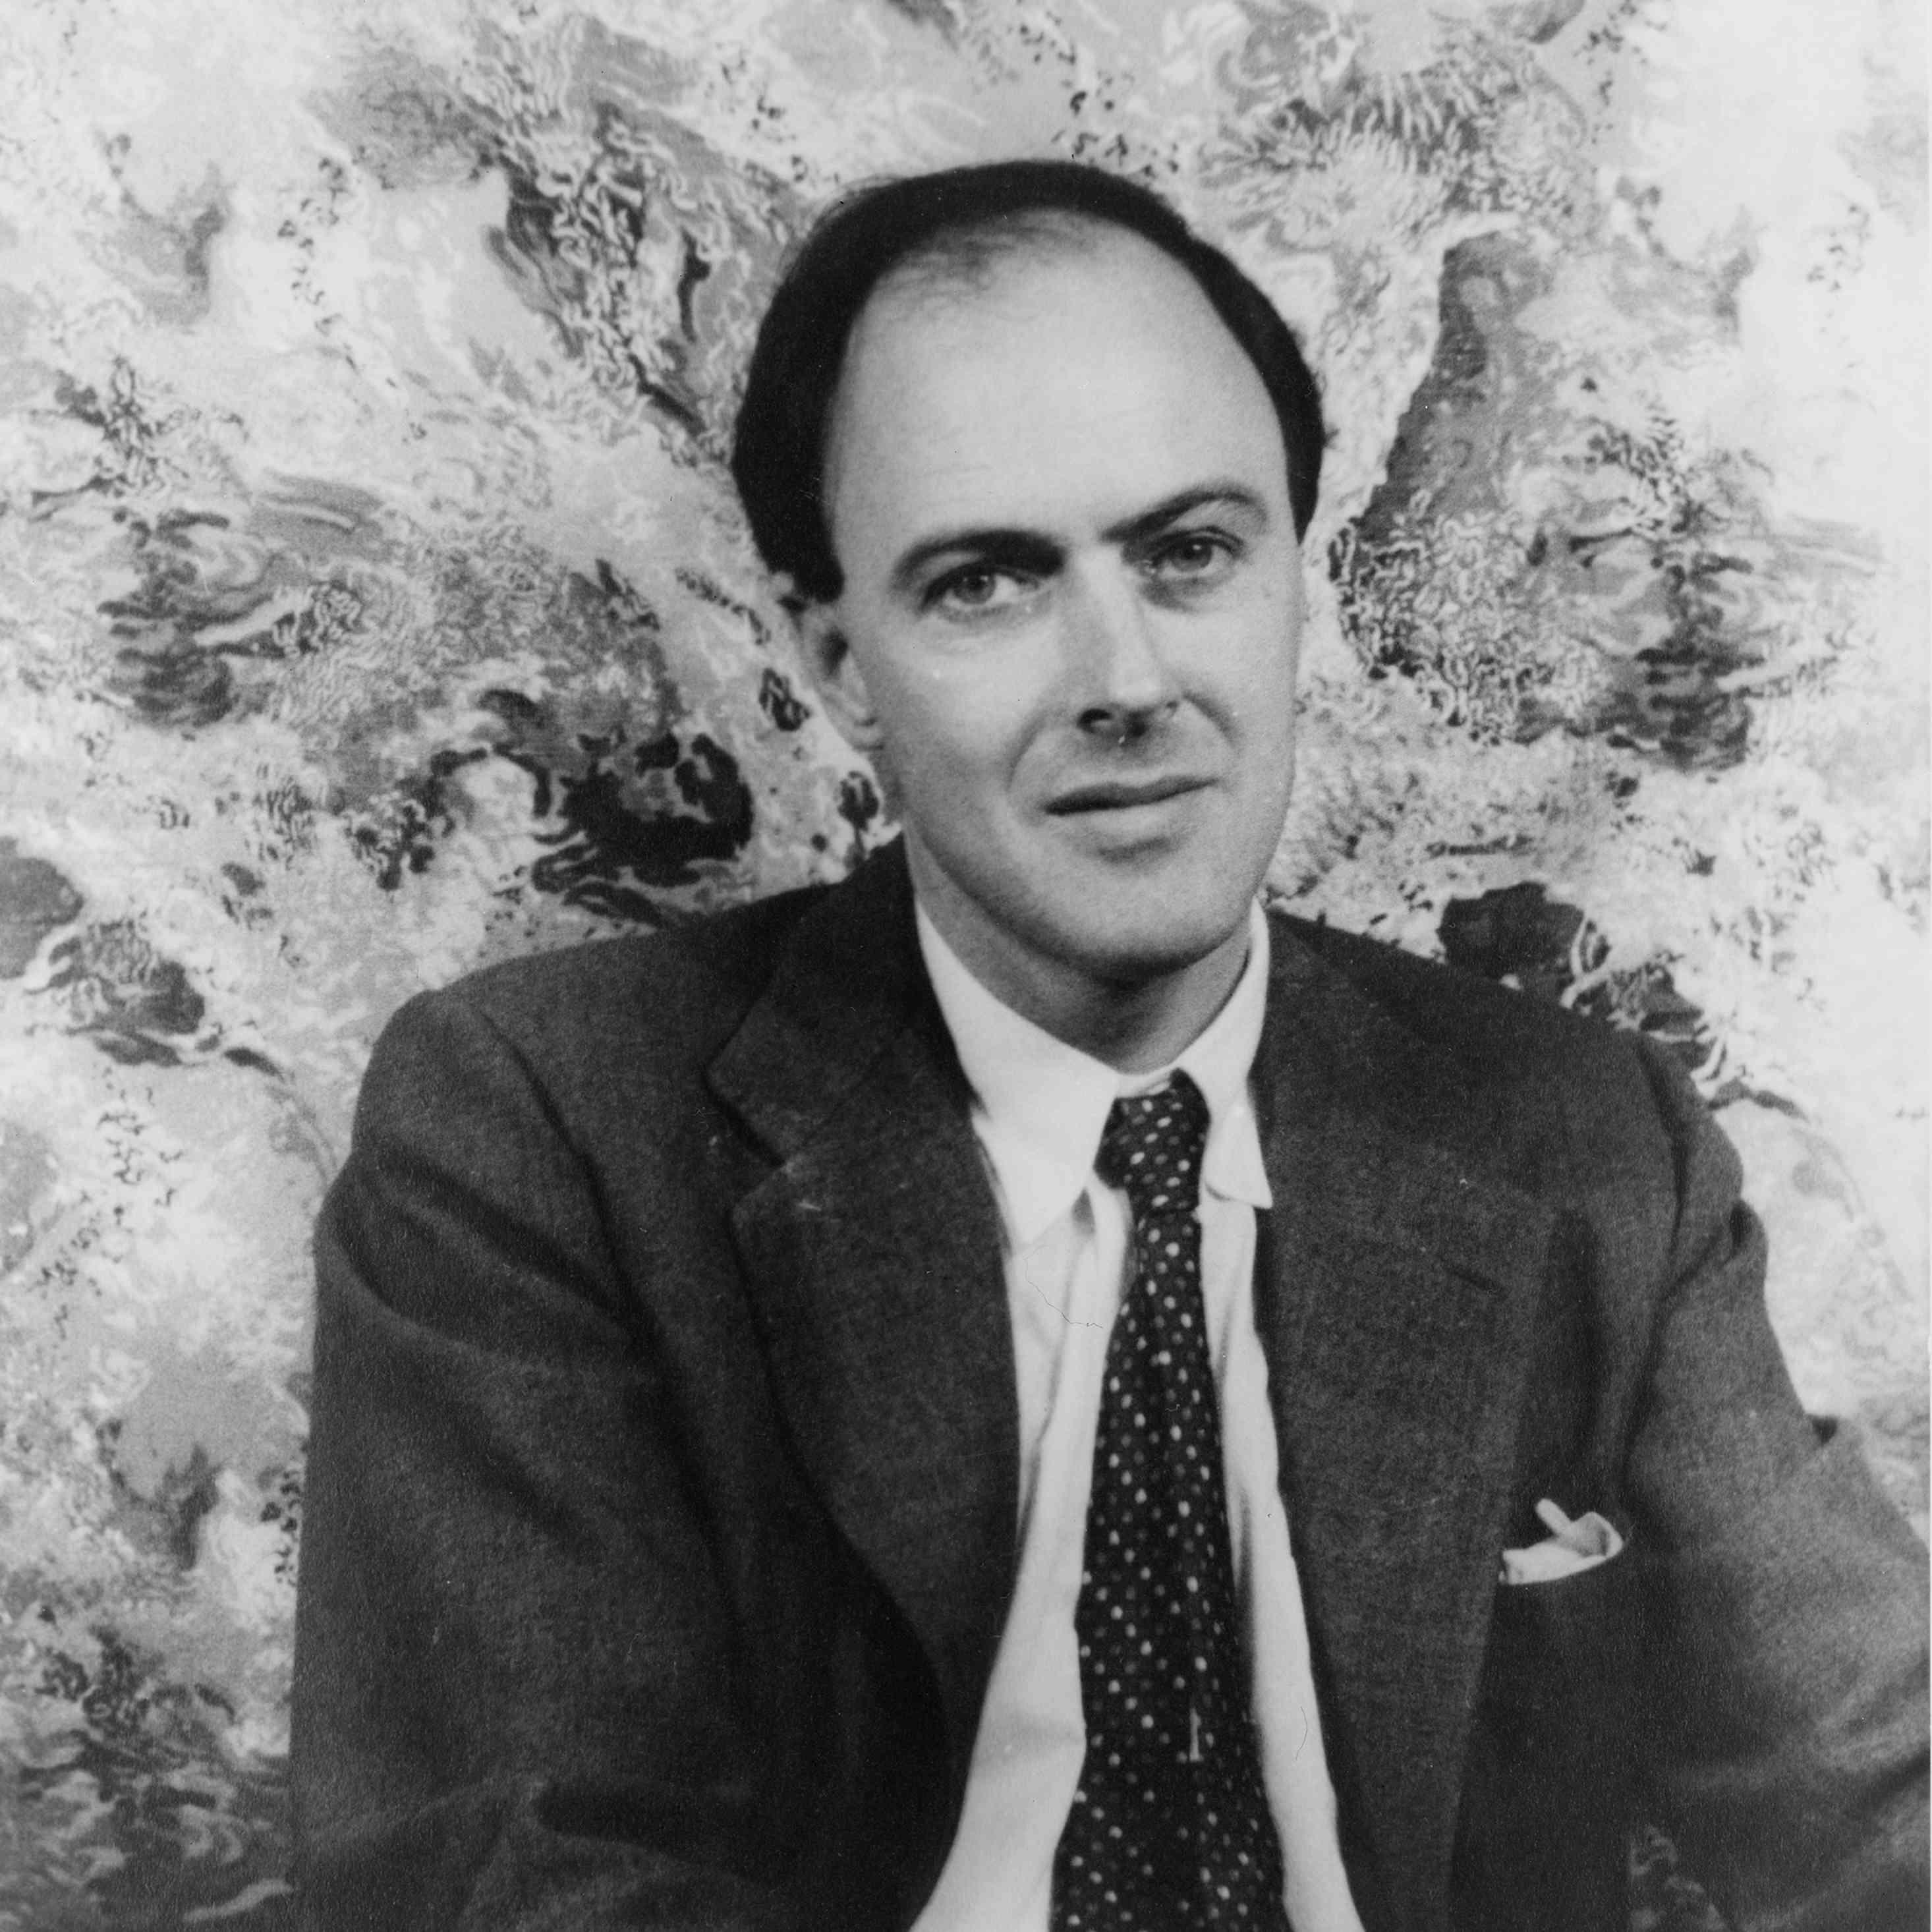 Retrato de Roald Dahl, vestido con corbata y chaqueta